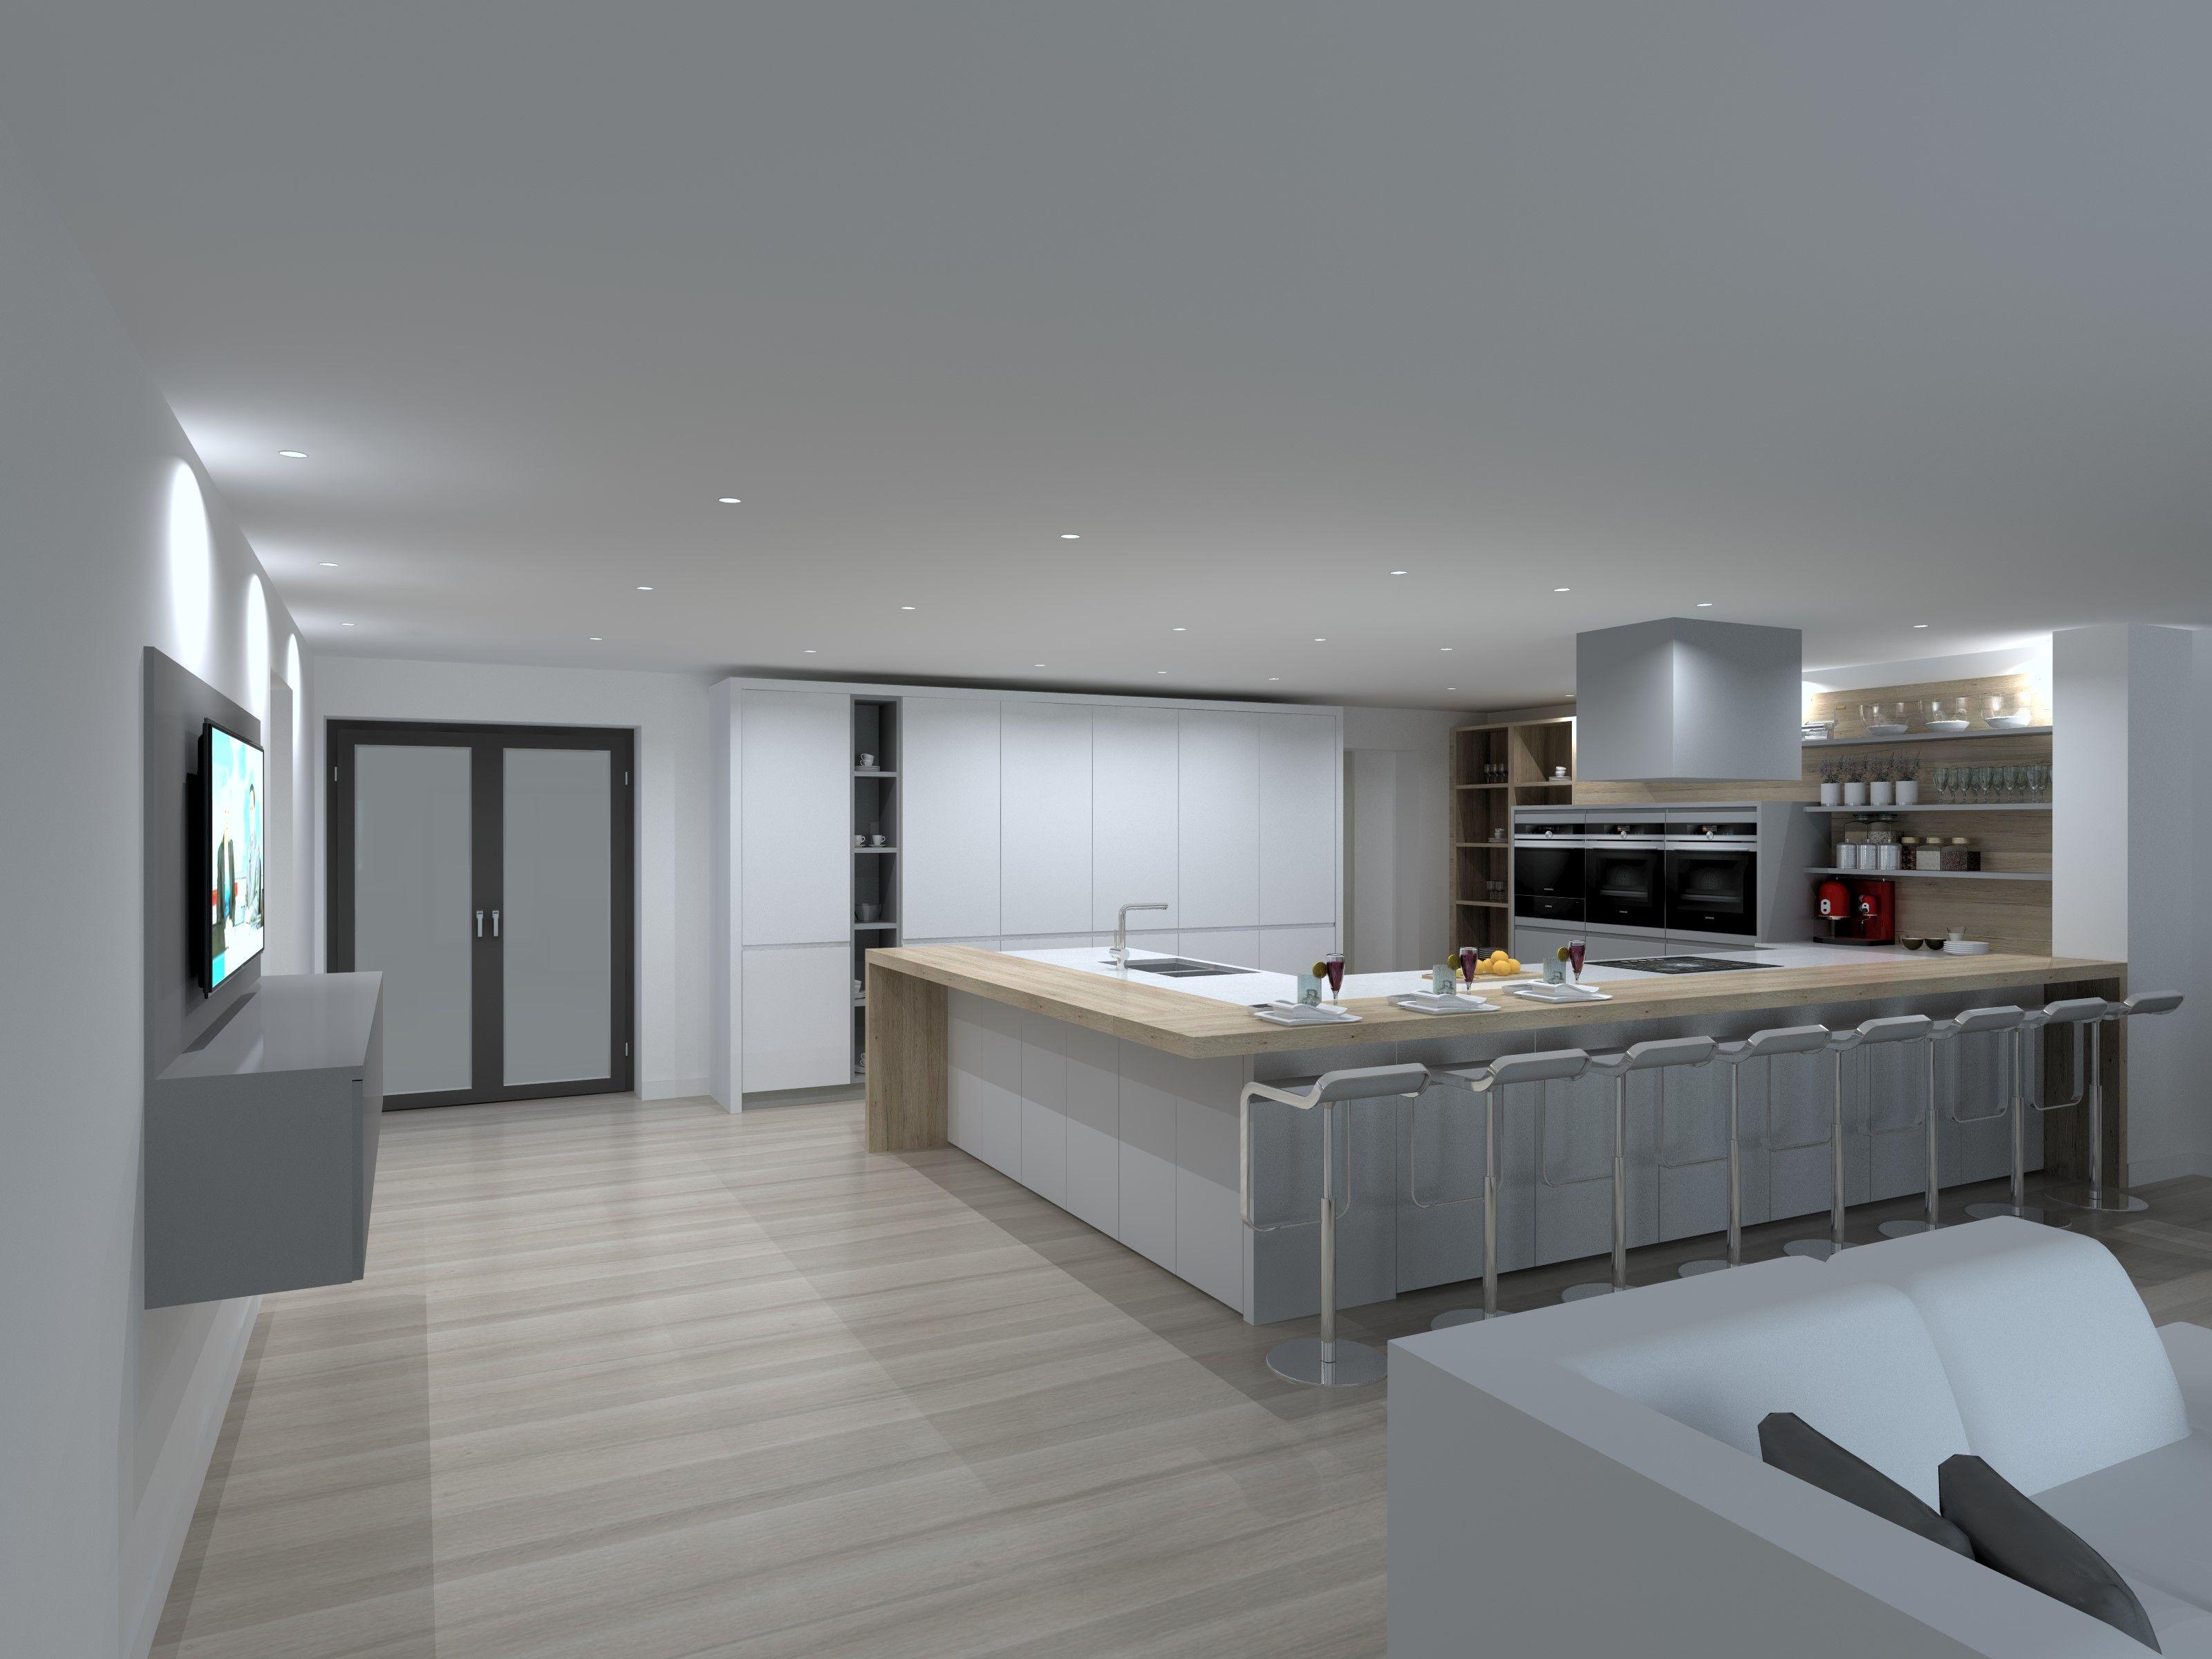 Ungewöhnlich Küchendesign Nh Portsmouth Fotos - Ideen Für Die Küche ...